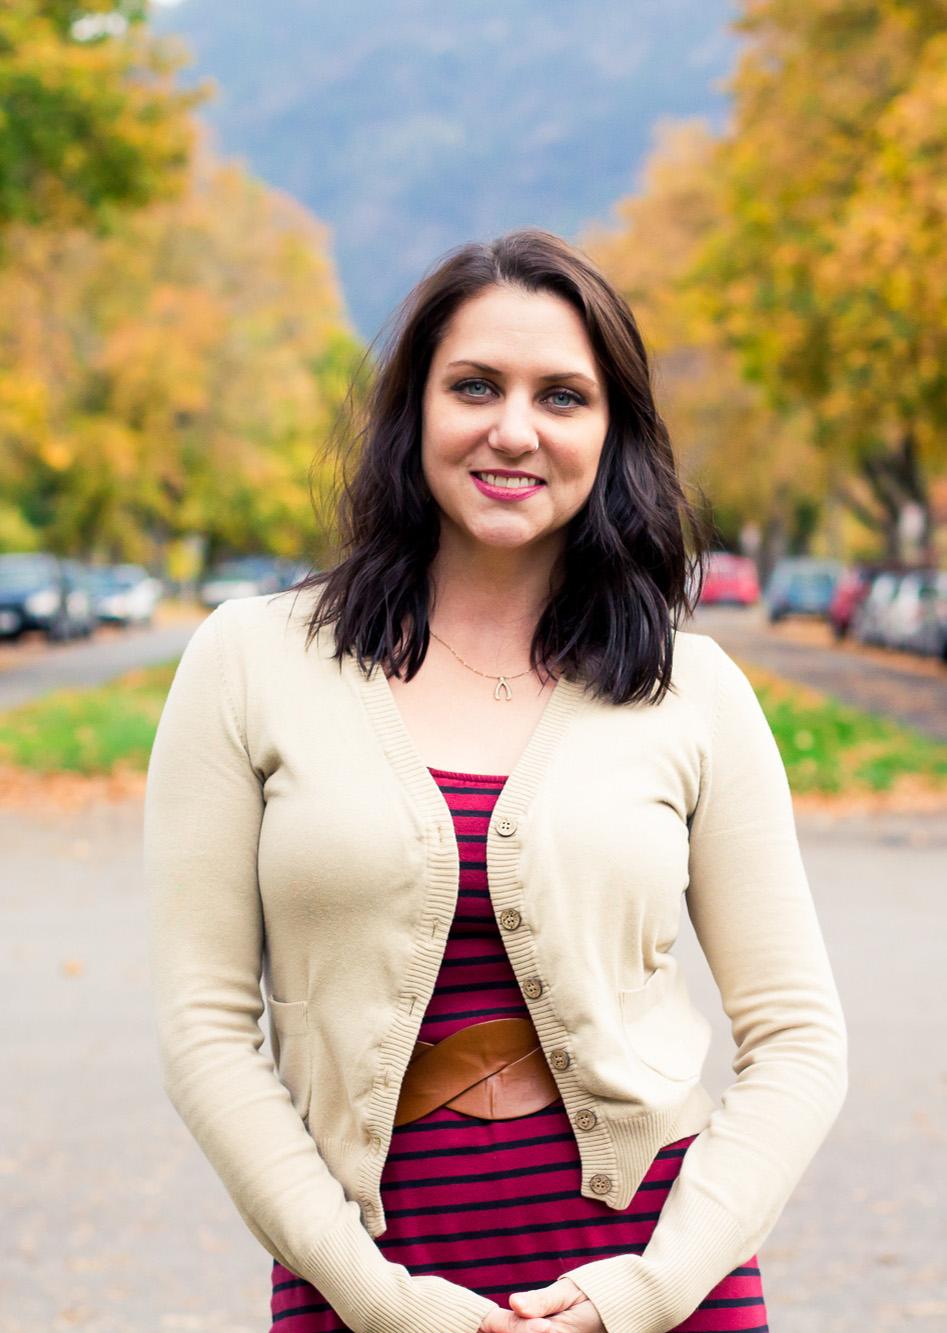 Lynn Parenteau, Client Services Specialist